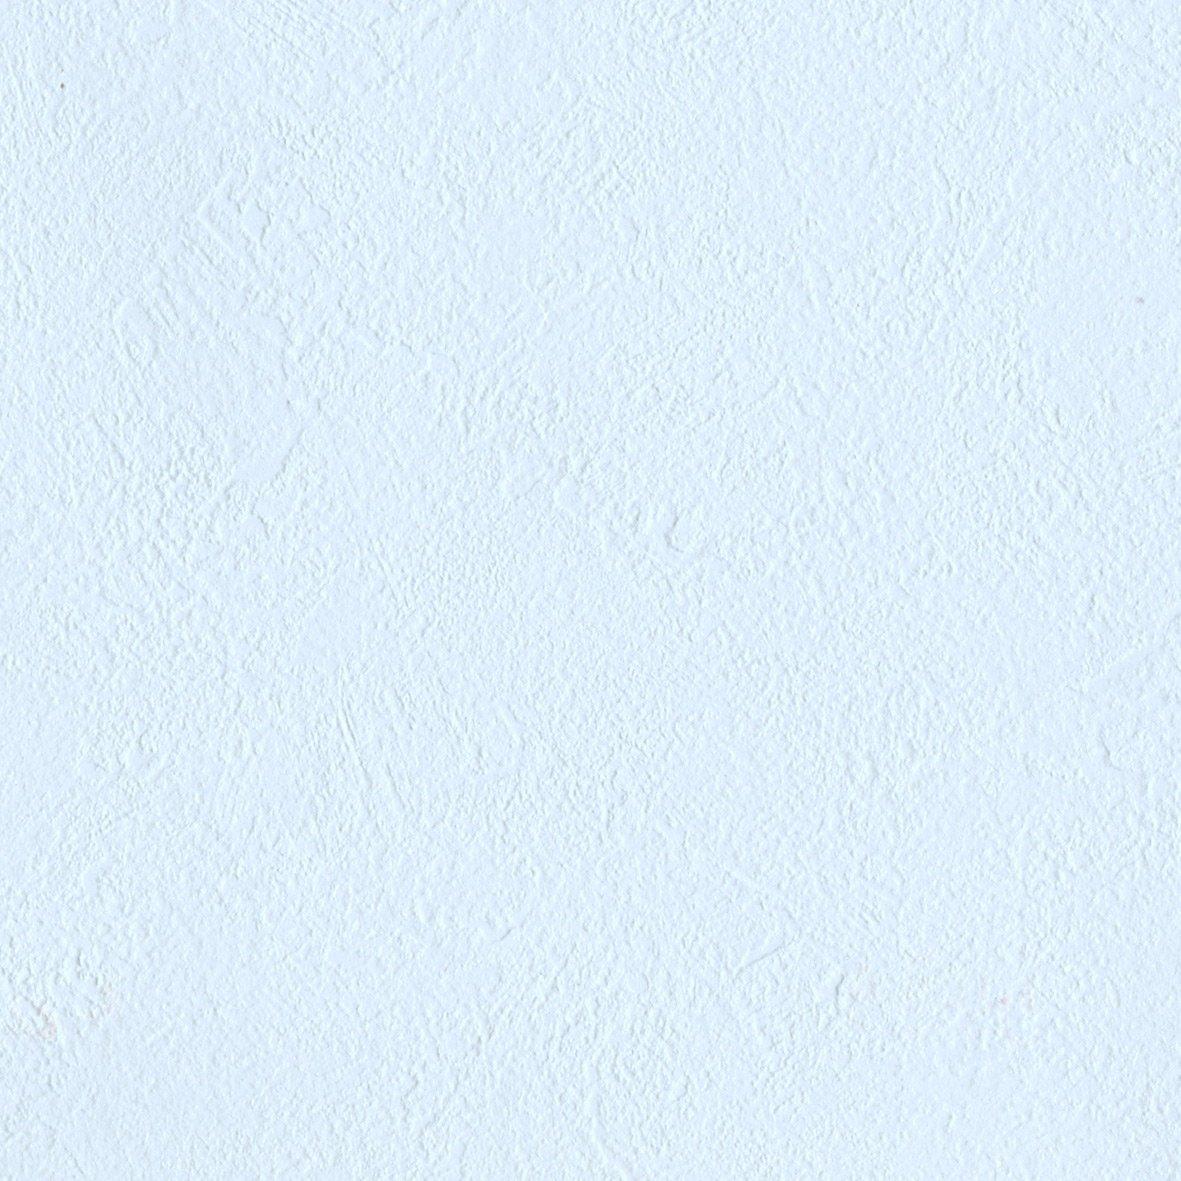 リリカラ 壁紙23m ナチュラル 石目調 ブルー カラーバリエーション LV-6181 B01IHQBIYA 23m|ブルー